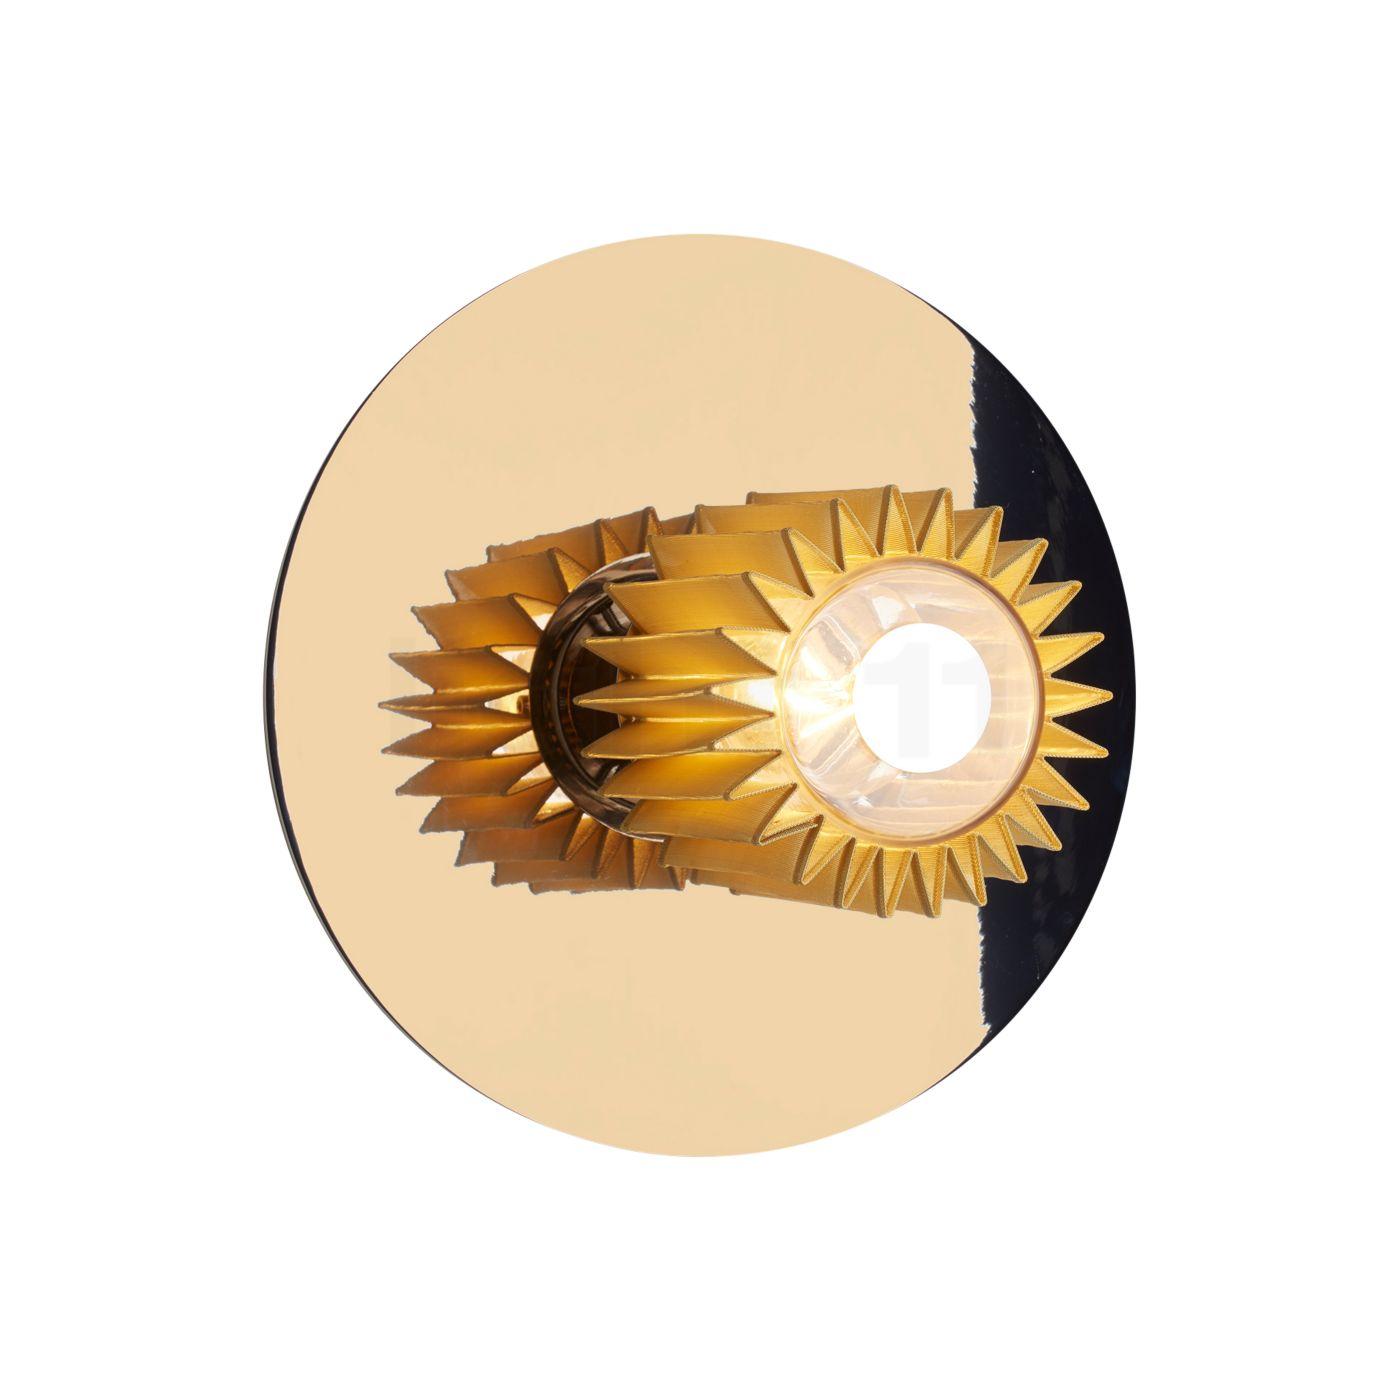 DCW In The Sun 270 Wandleuchte, Gold/Gewebe gold | Lampen > Aussenlampen > Solarleuchten | DCW